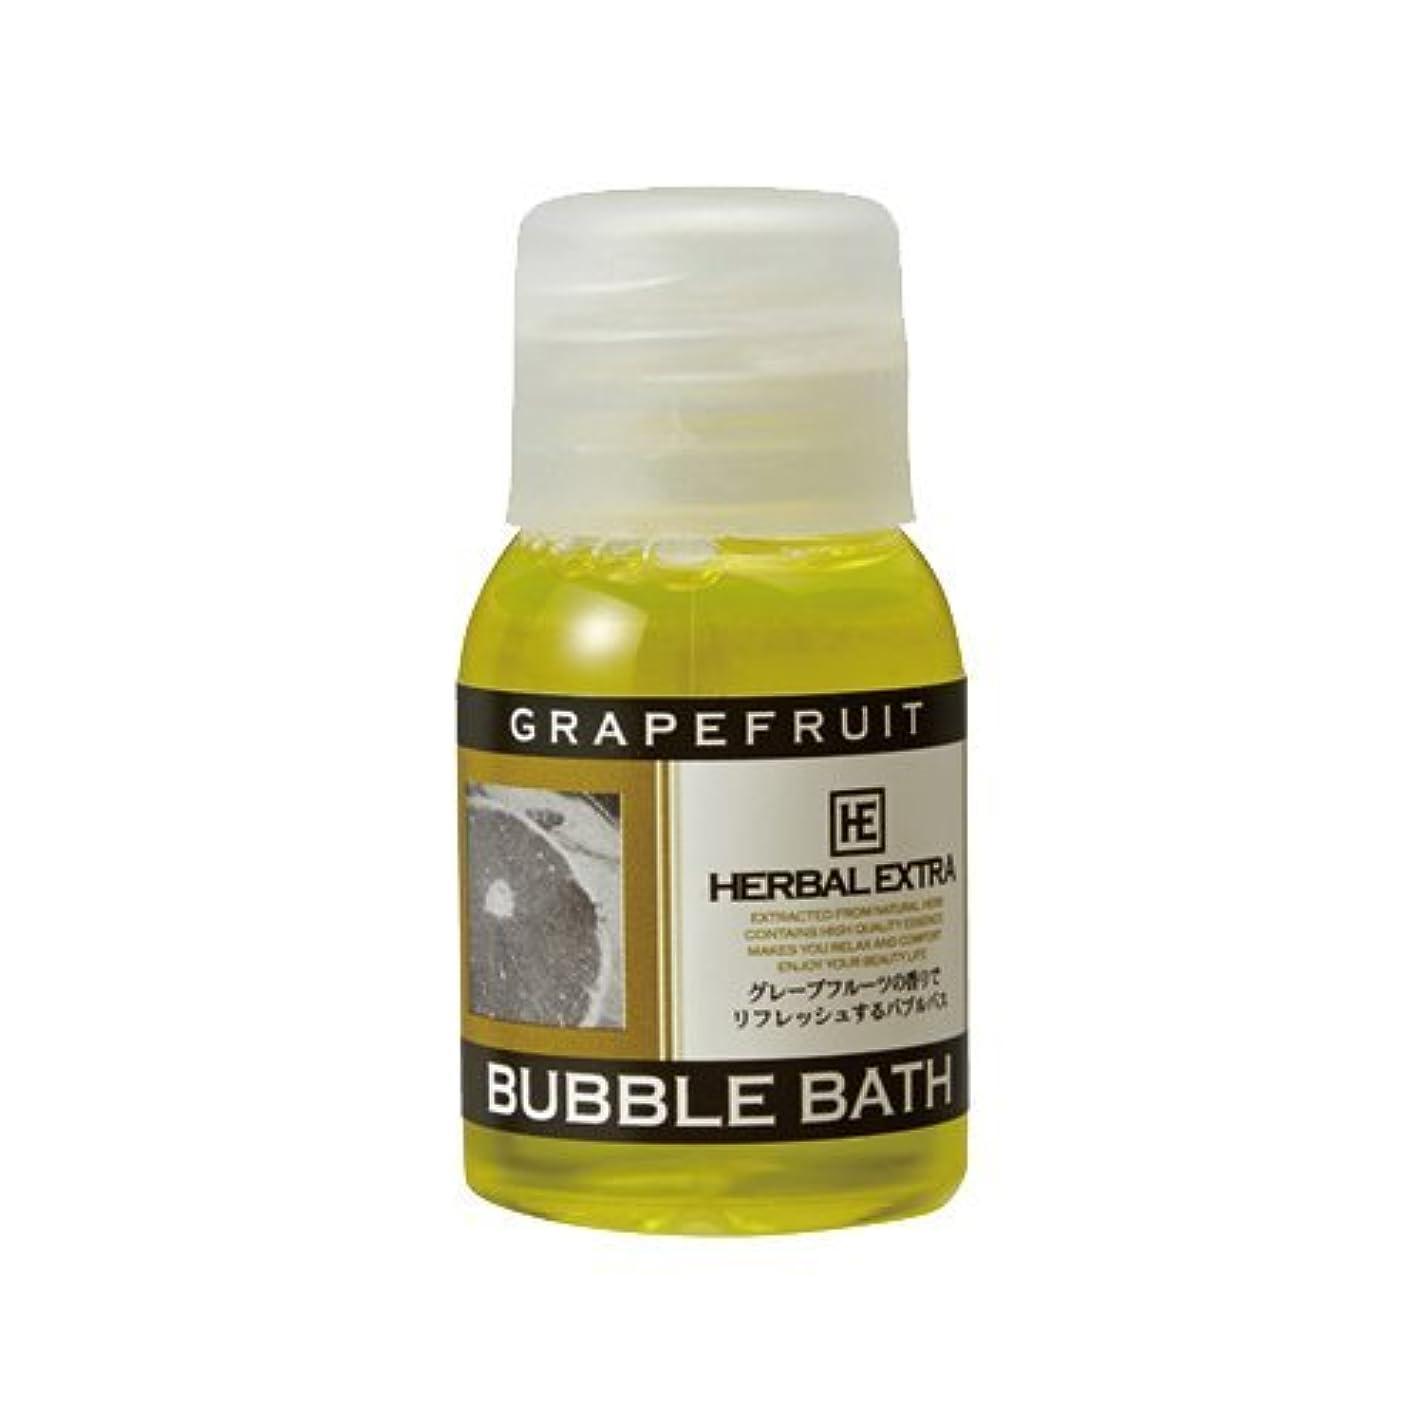 検出ペリスコープトレードハーバルエクストラ バブルバス ミニボトル グレープフルーツの香り × 20個セット - ホテルアメニティ 業務用 発泡入浴剤 (BUBBLE BATH)